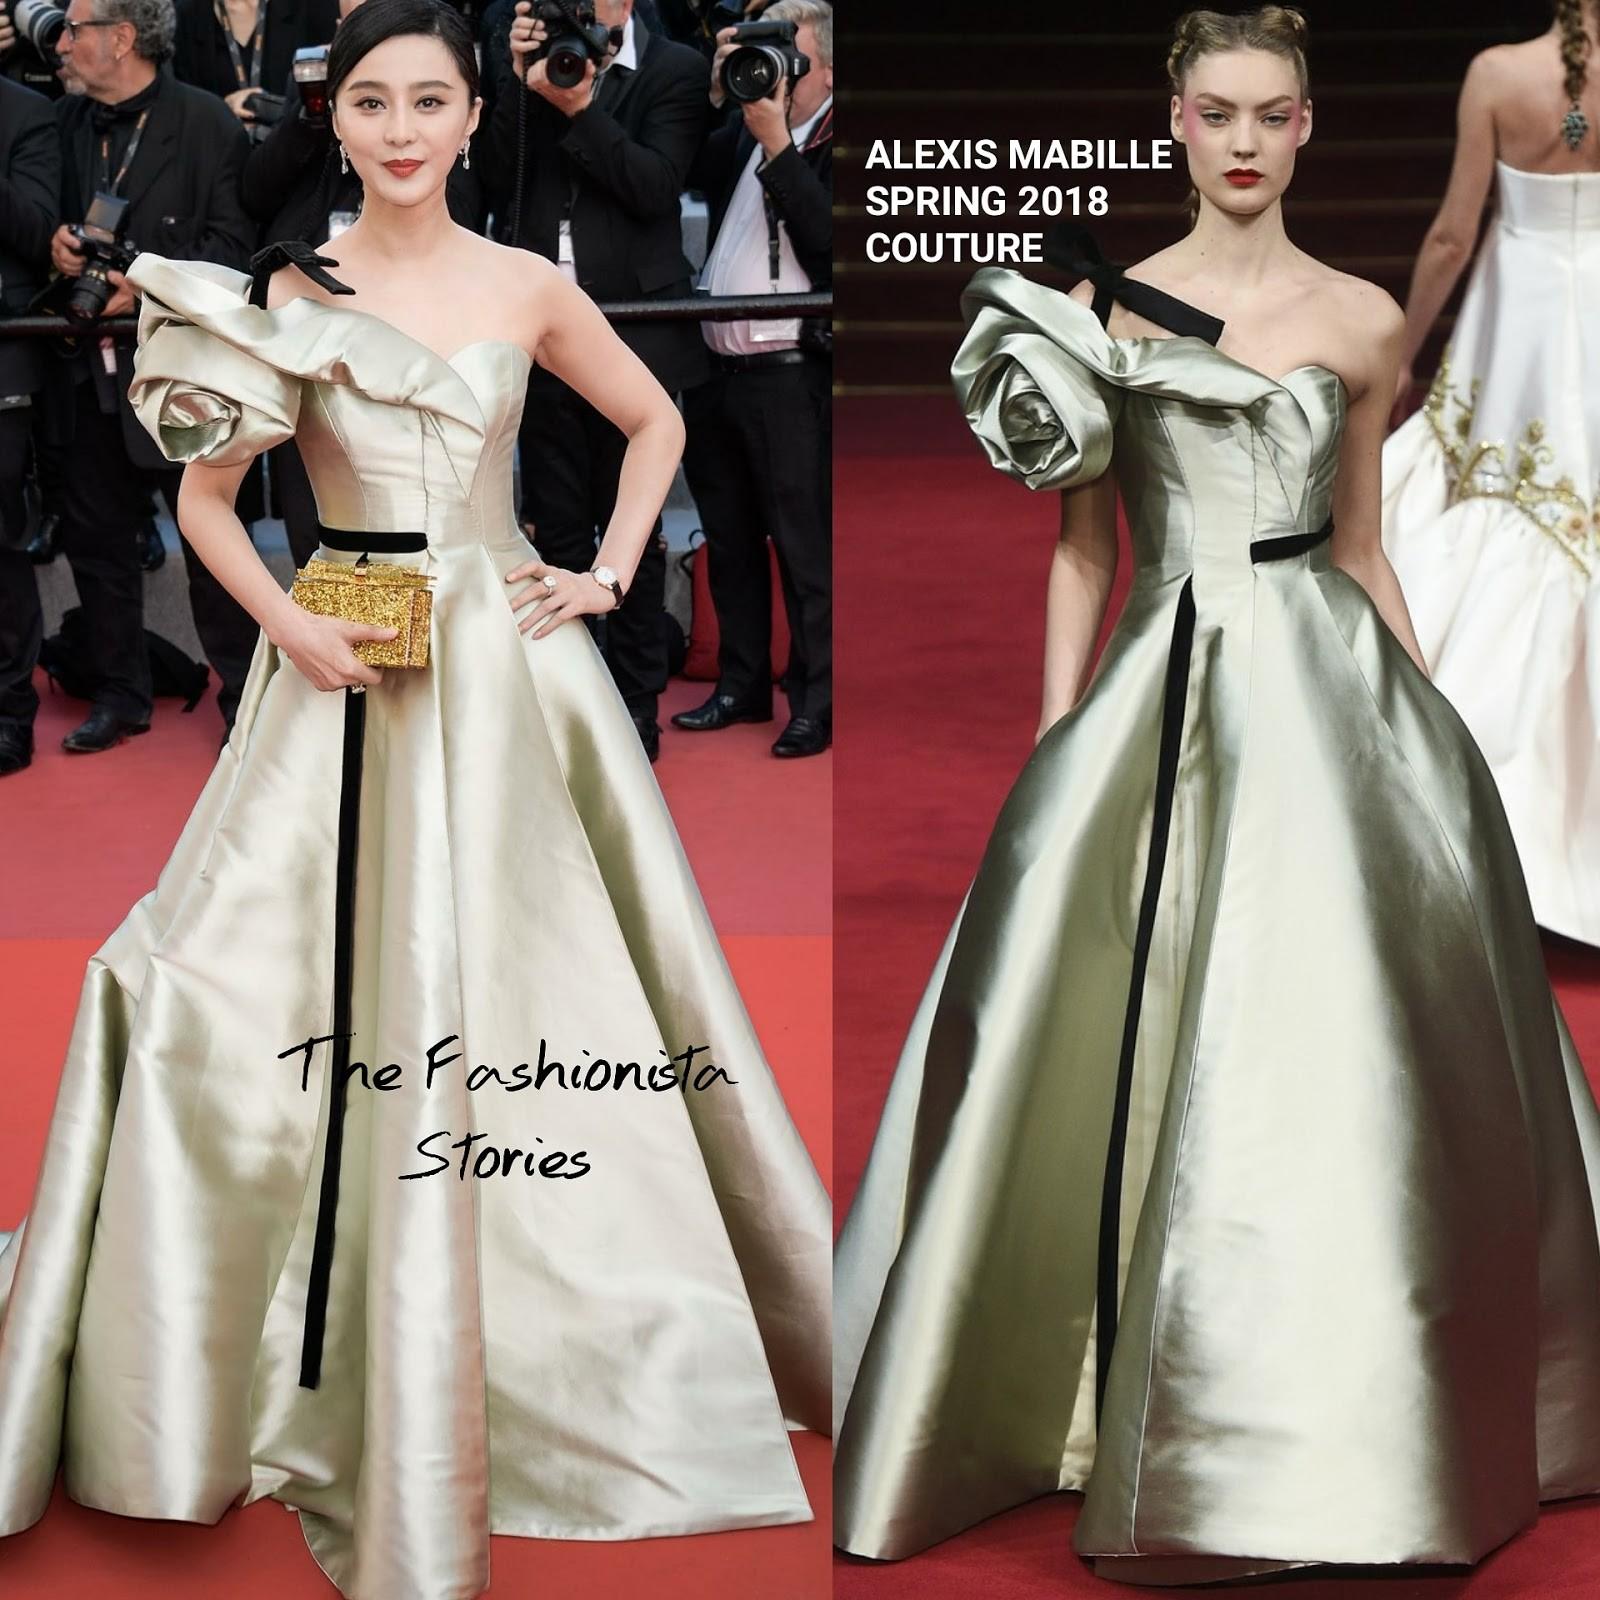 Vũ Ngọc Anh và NTK Lê Thanh Hòa bị nhà mốt cao cấp của Pháp bêu ngay trên Instagram vì nhái đồ - Ảnh 2.